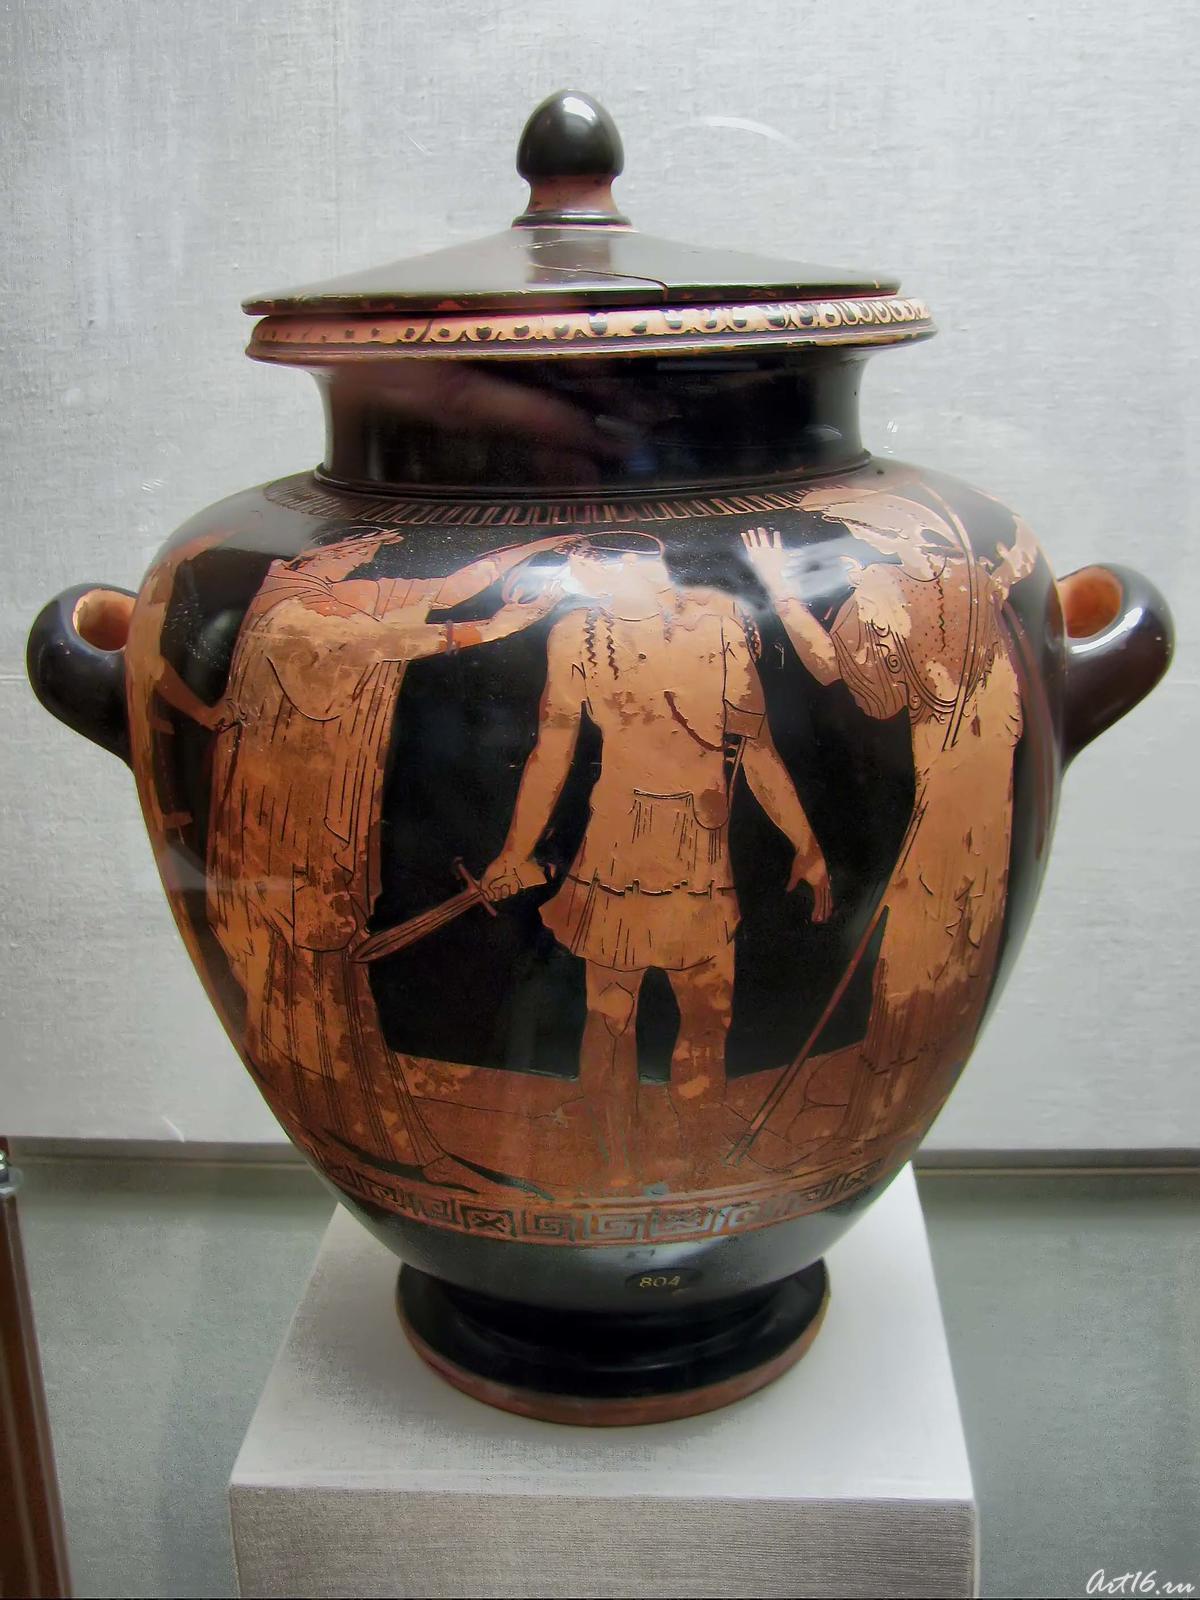 Фото №35539. Стамнос краснофигурный: Победа Тезея над Минотавром